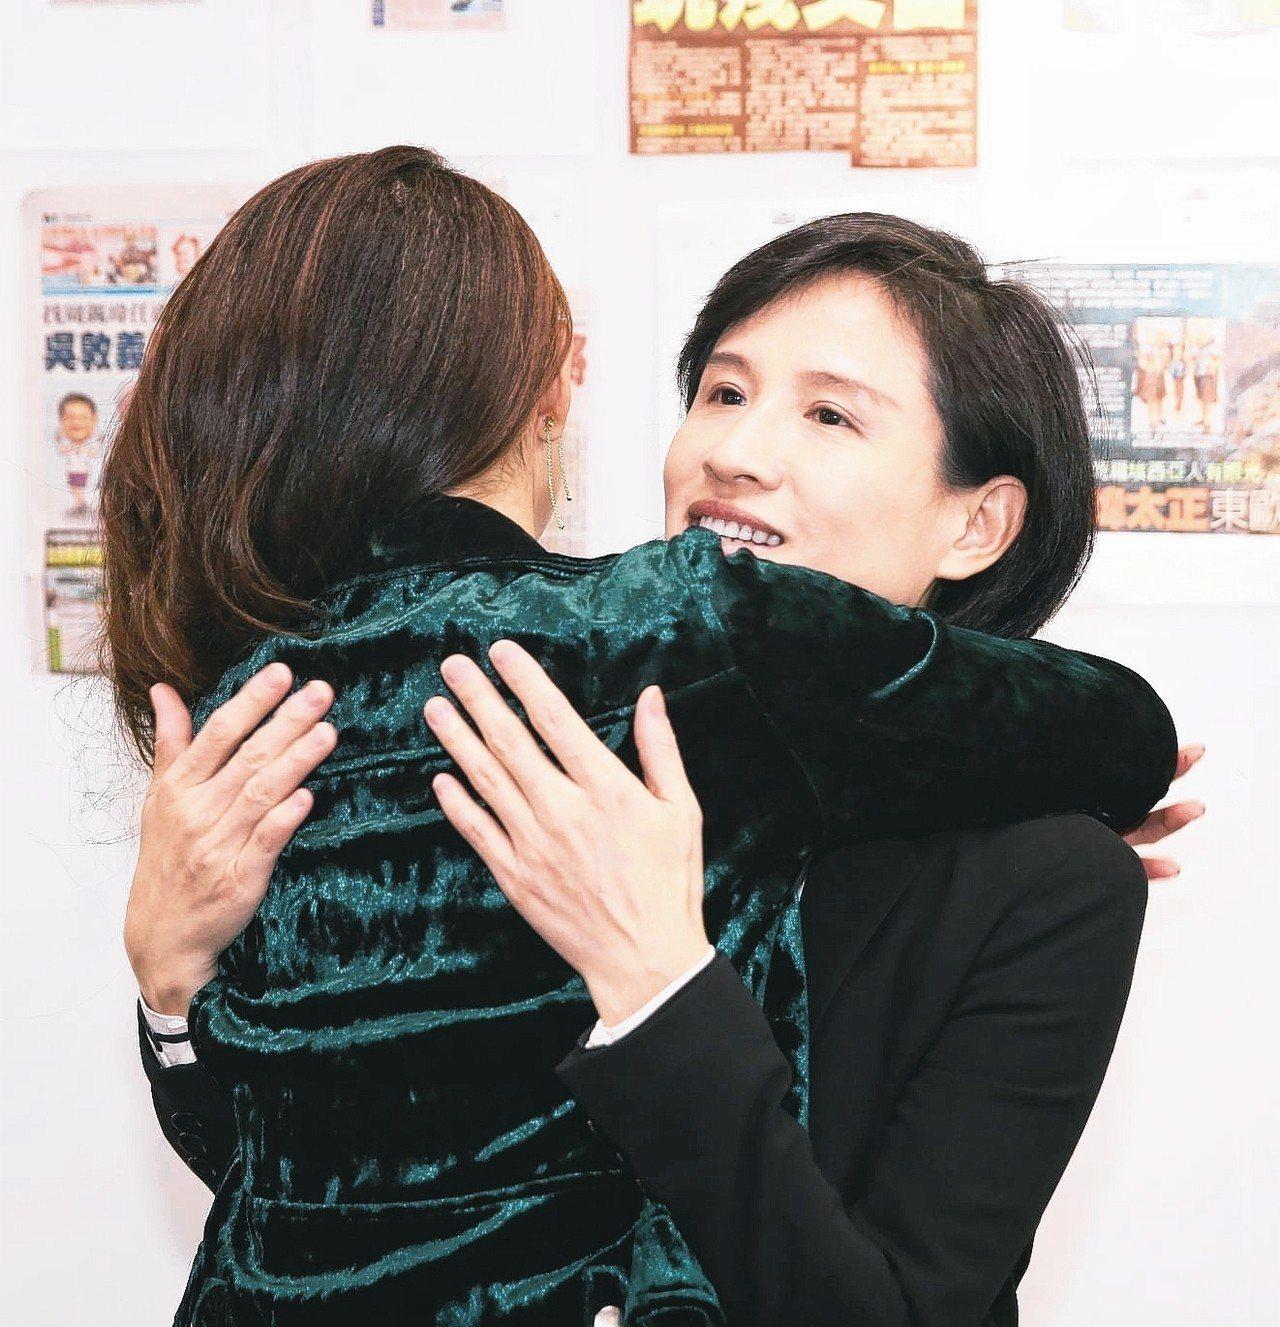 文化部長鄭麗君(右)接受電台專訪,pop radio台長林書煒(左)上前給她擁抱...